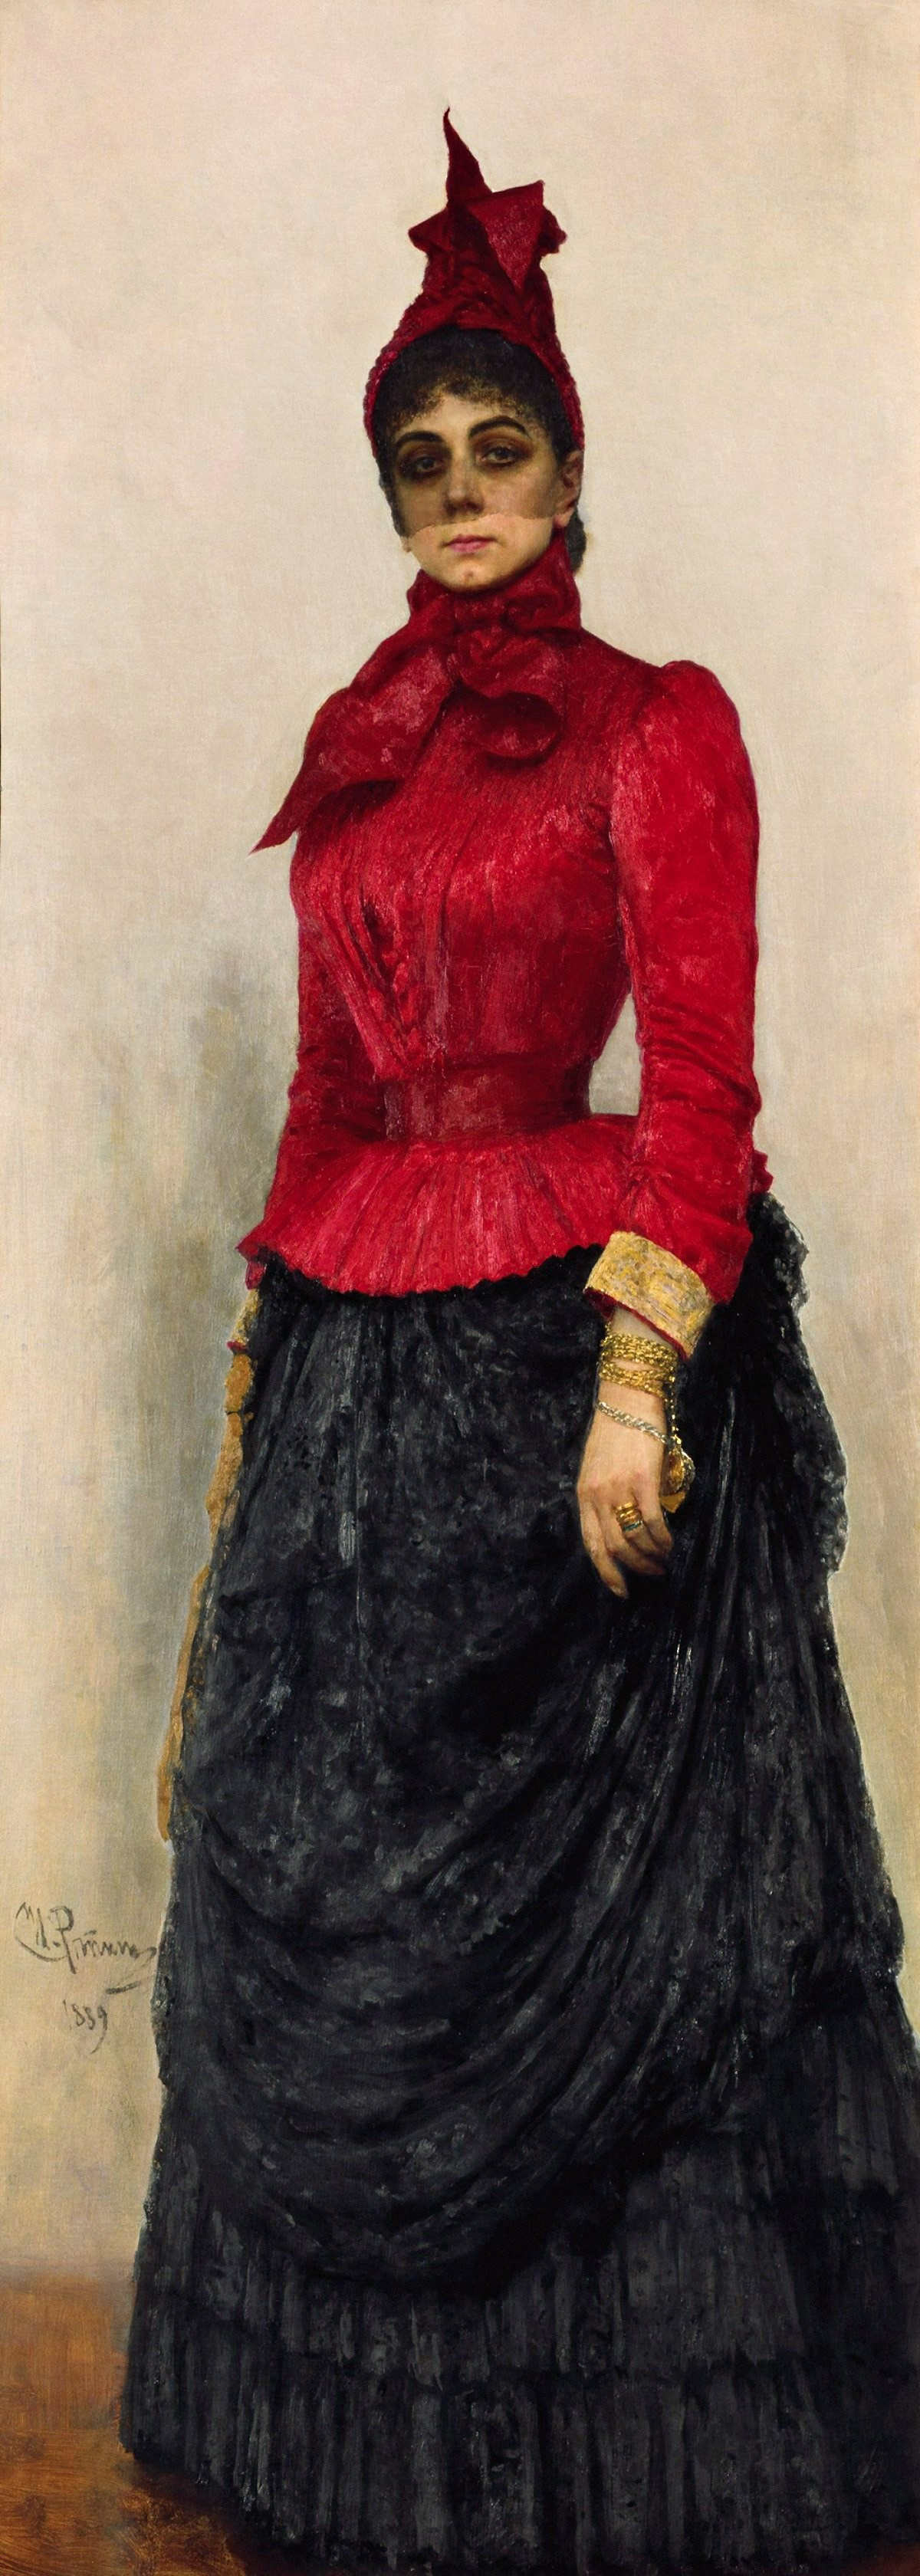 00 Ilya Repin. A Portrait of Baroness Varvara Iskul von Gildebrandt. 1889